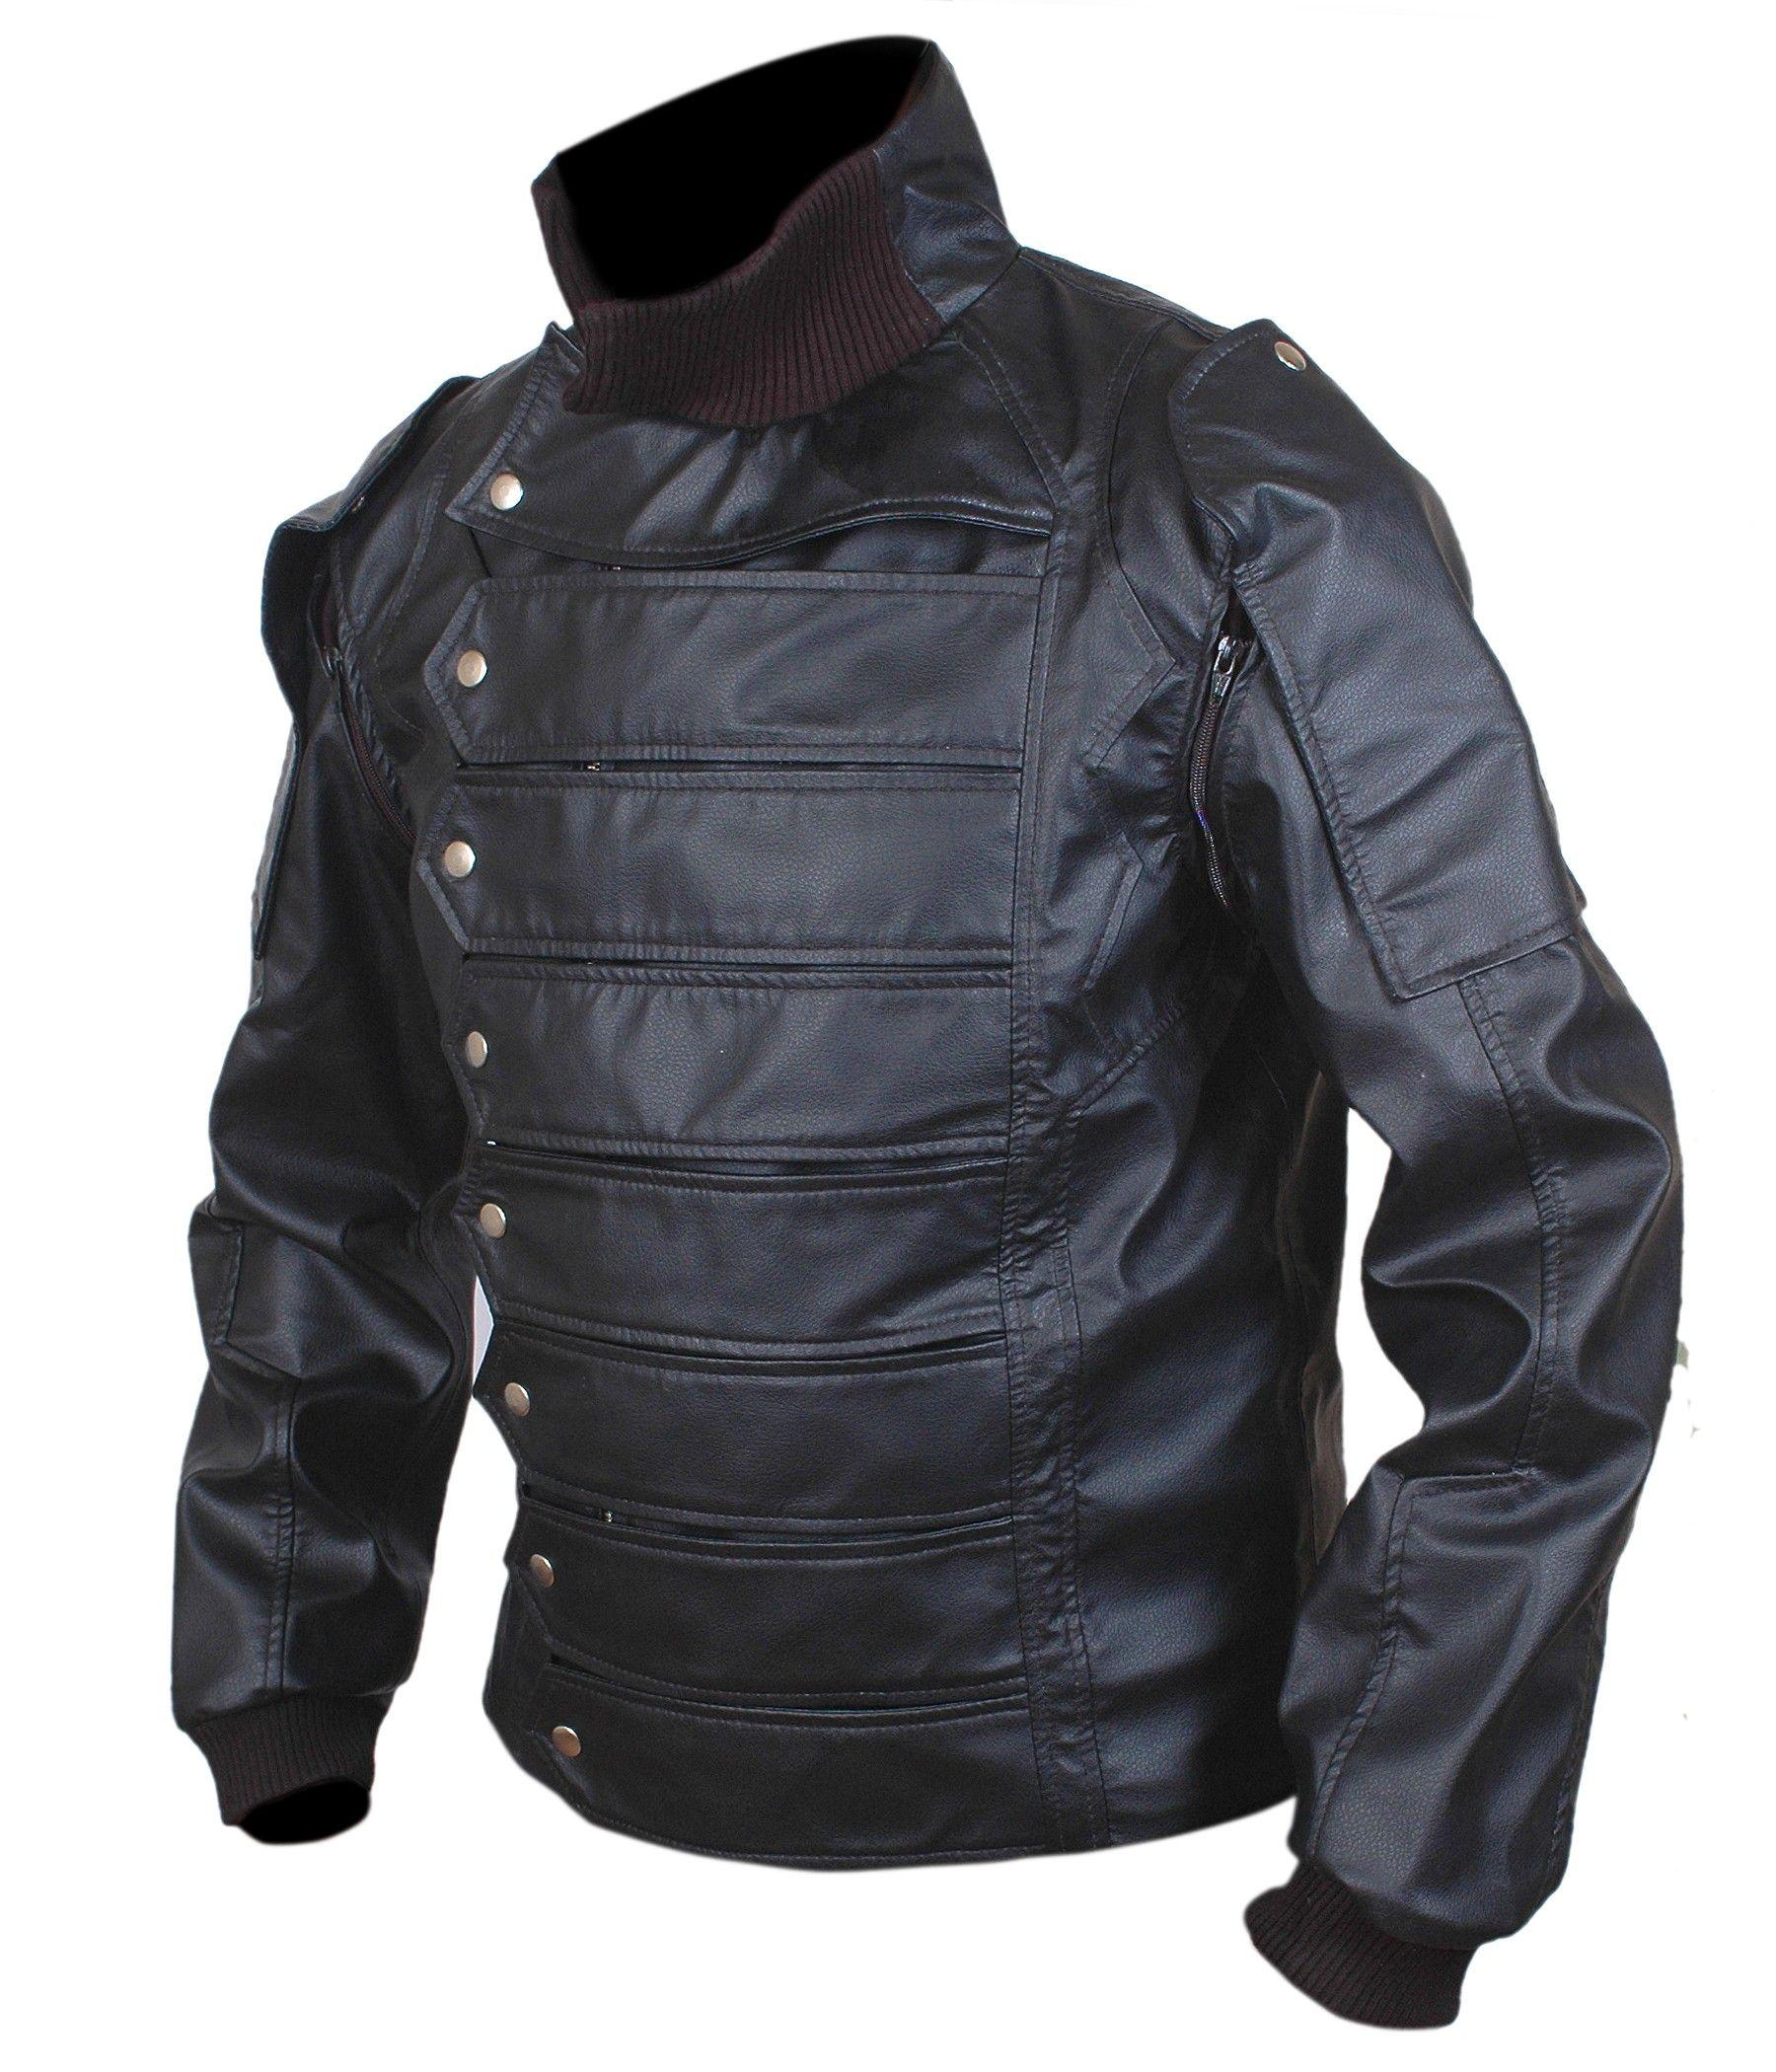 thewintersoldierjacket sebastianstanjacket Leather